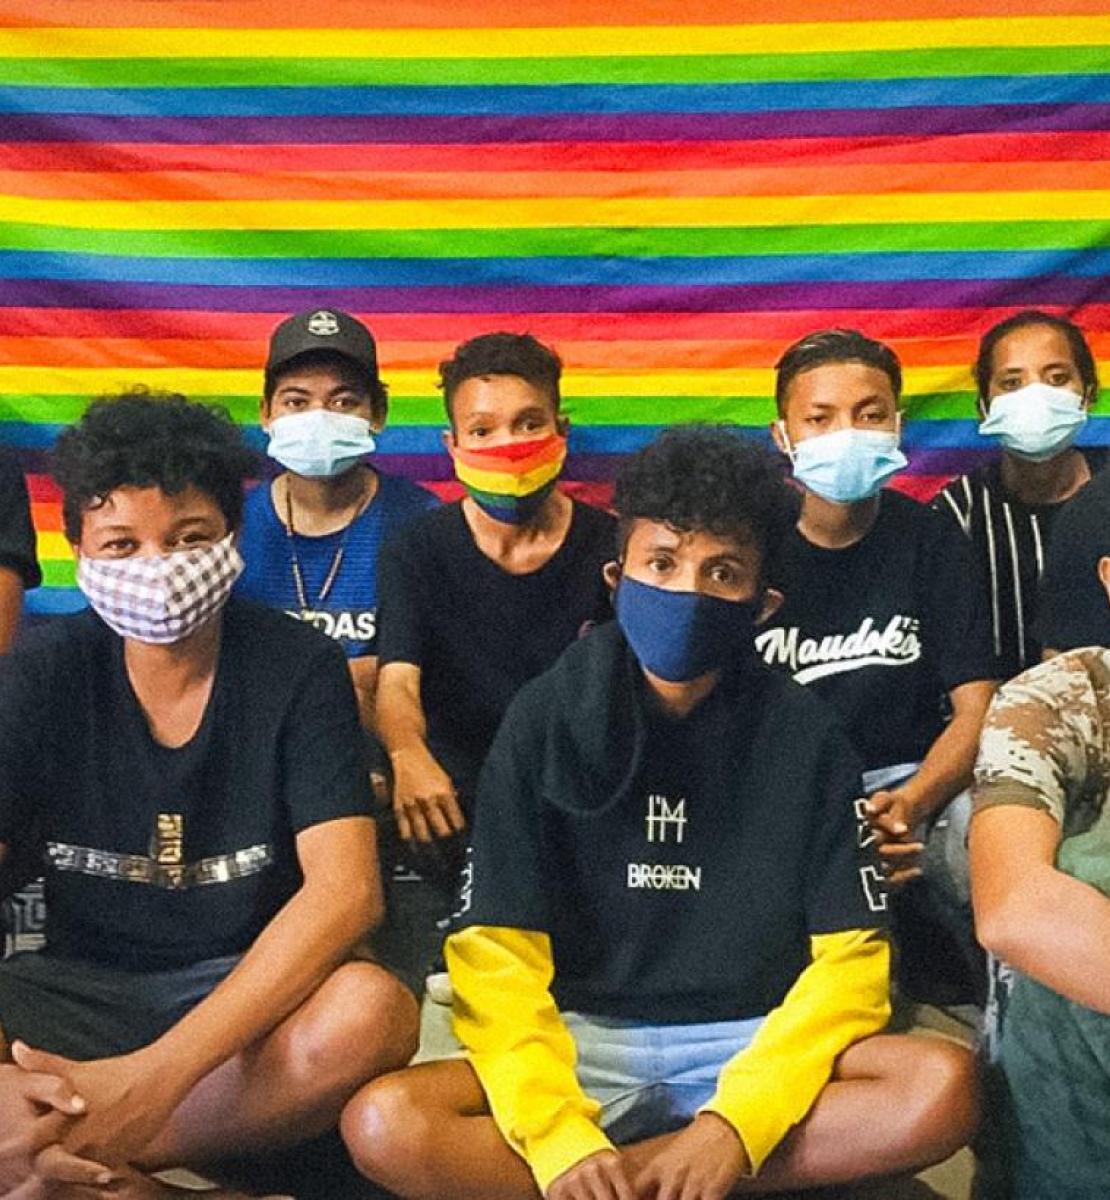 一群戴着口罩的年轻人在一面彩虹色的旗帜前盘腿而坐。